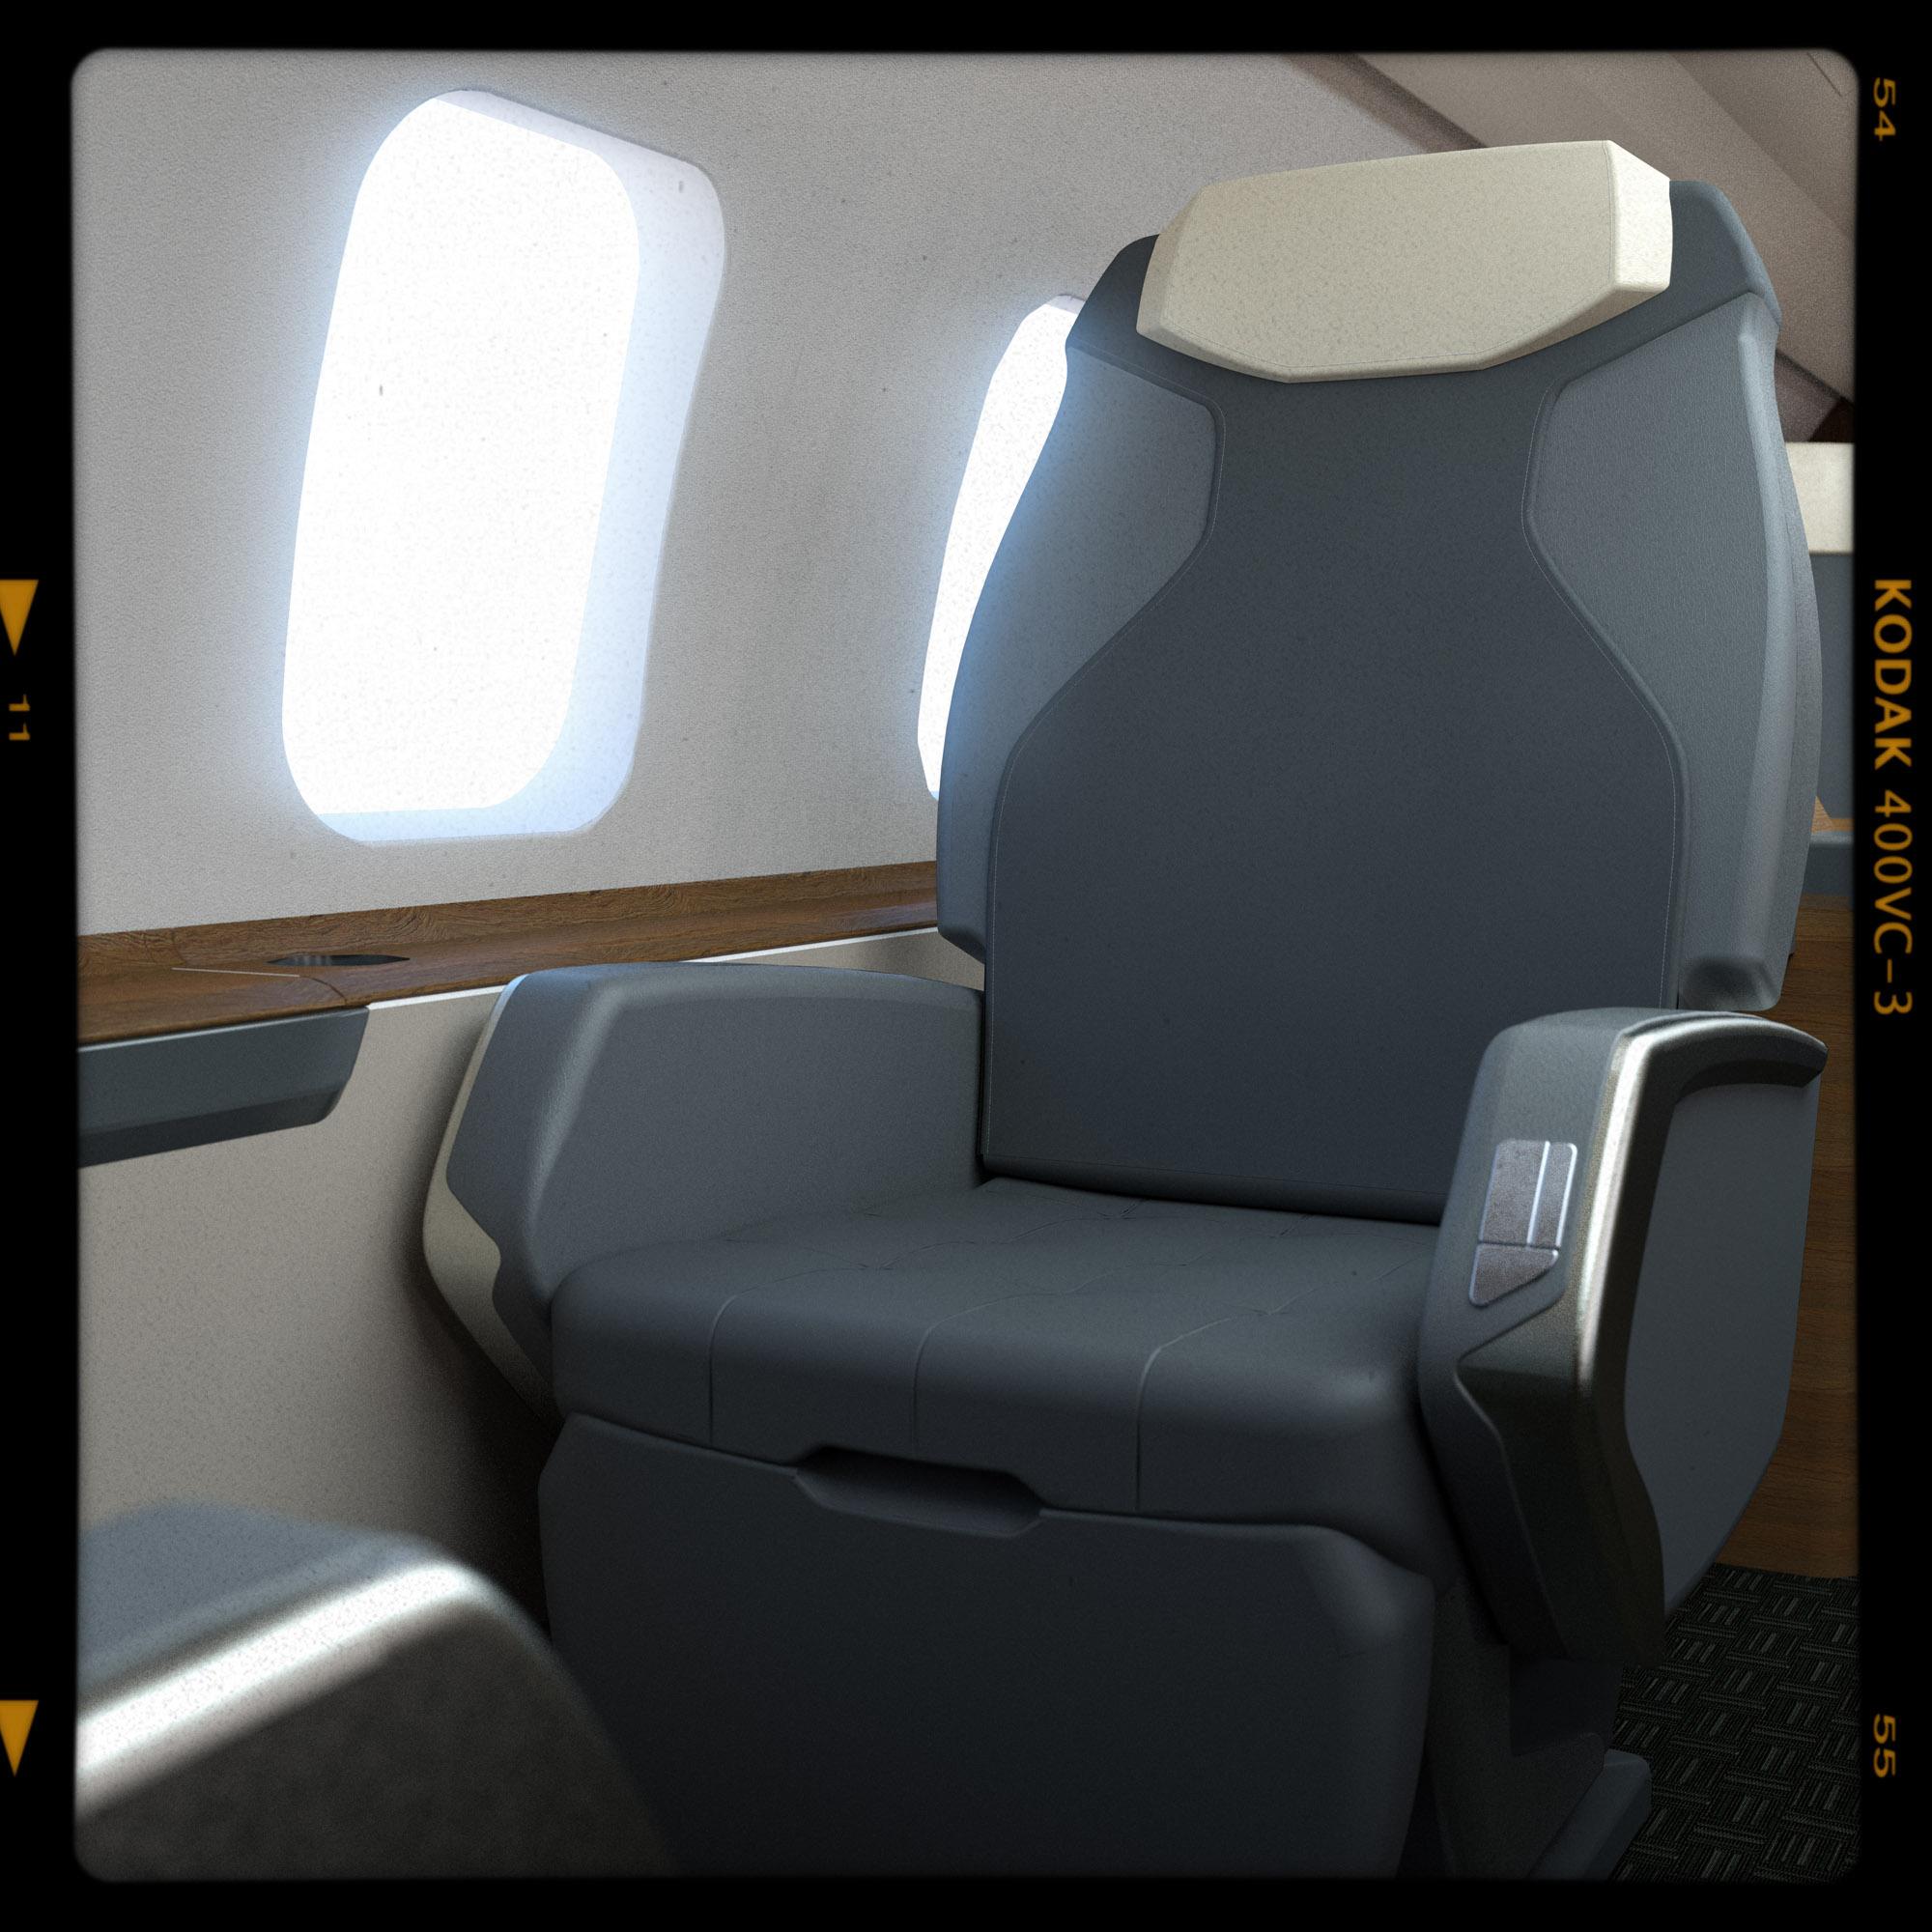 Render-3d-infografia-Interior-Avion-Detalle02